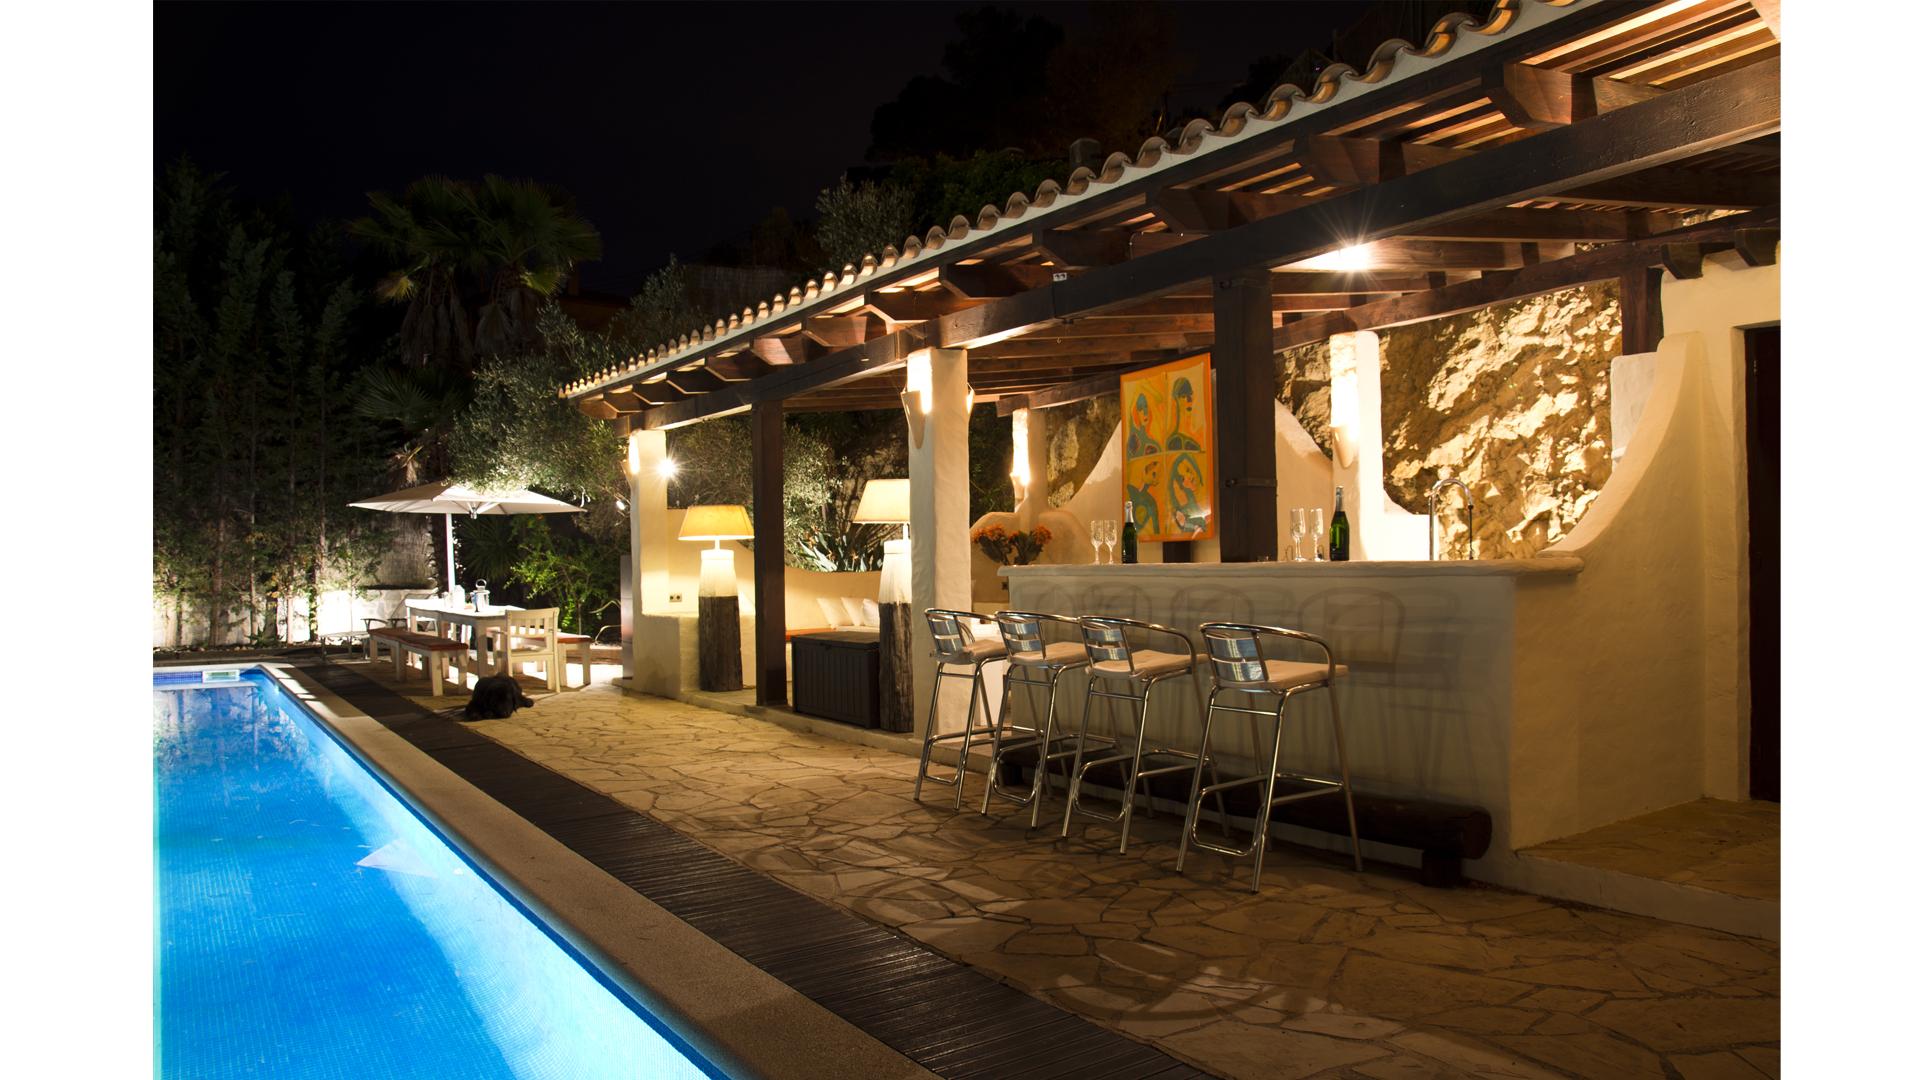 Ferienhaus Villa Palmera, Paradies in der Nhe von Barcelona, luxurise Villa fr 22 Personen (2379177), Olivella, Costa del Garraf, Katalonien, Spanien, Bild 11